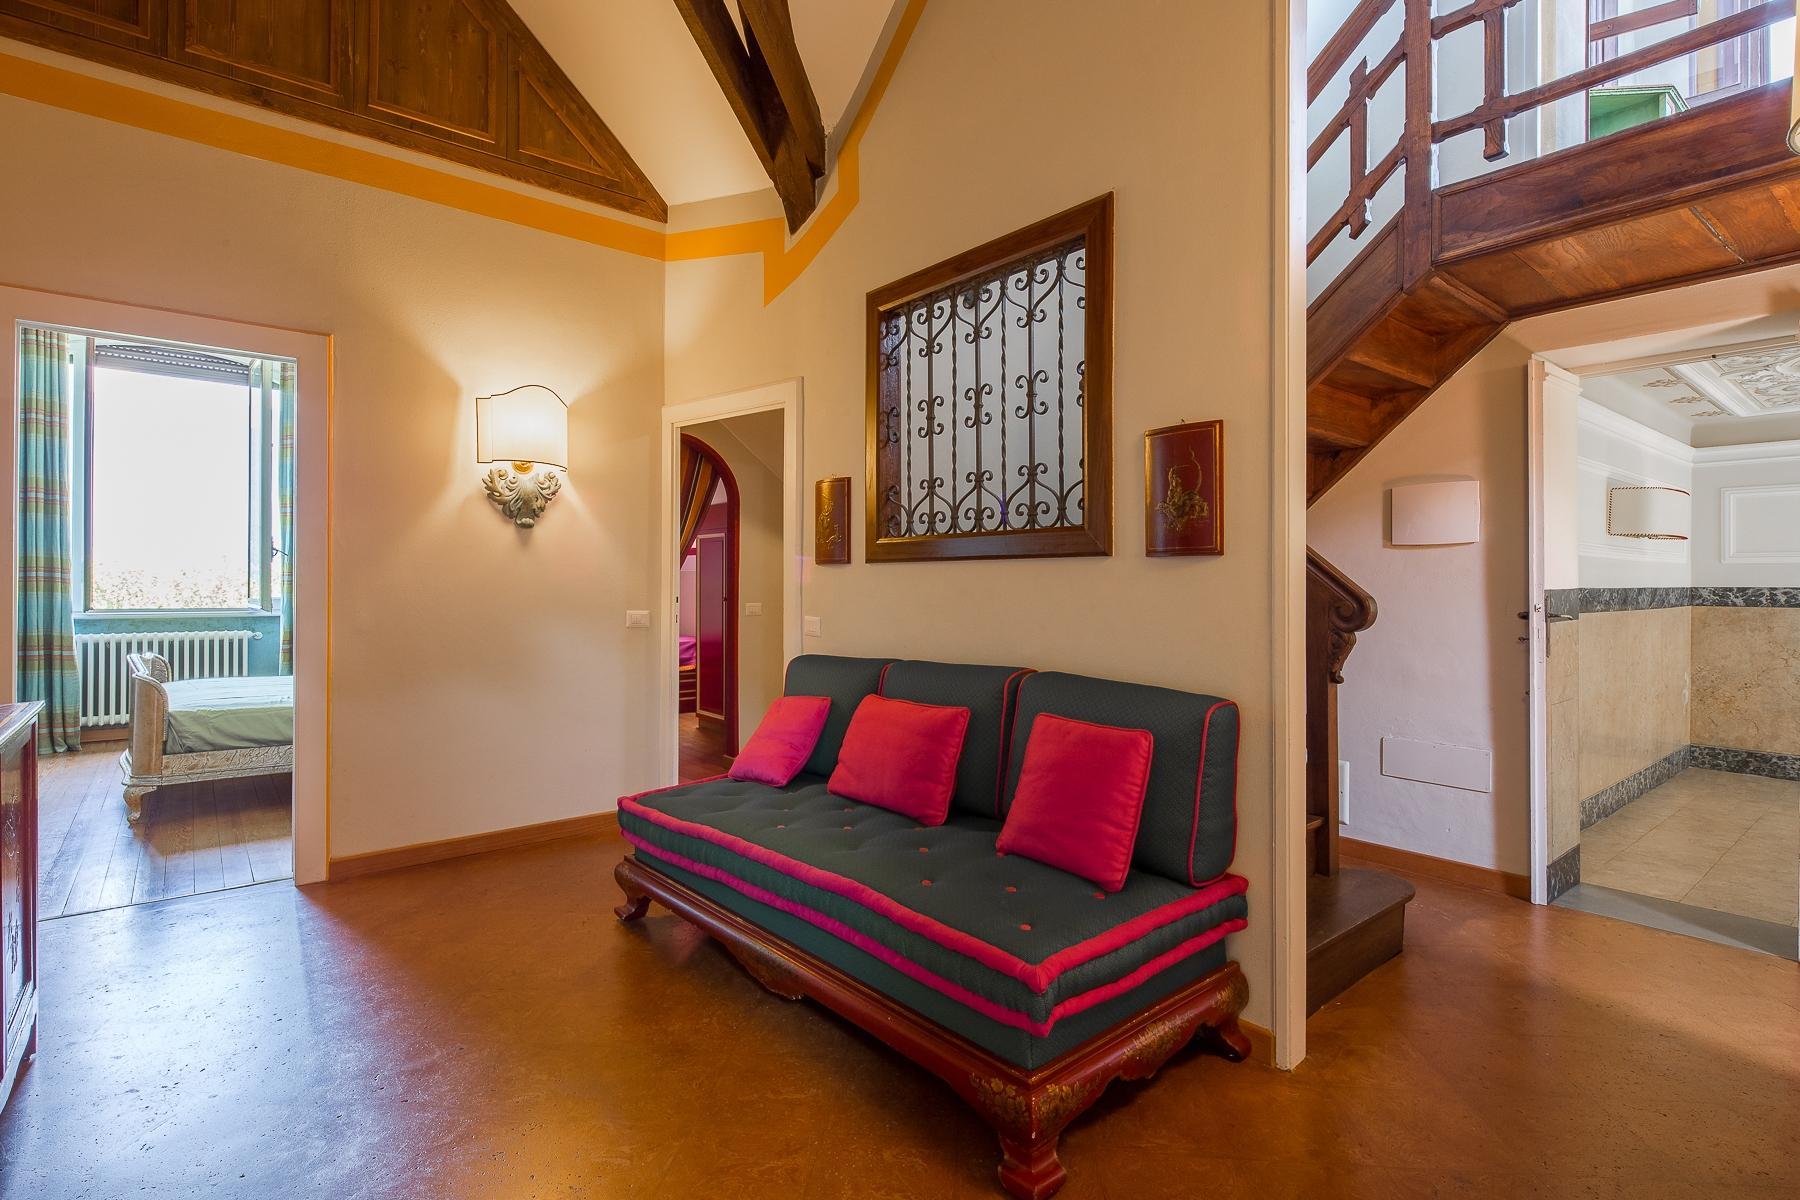 Maggiore湖岸边新艺术风格的别墅 - 27